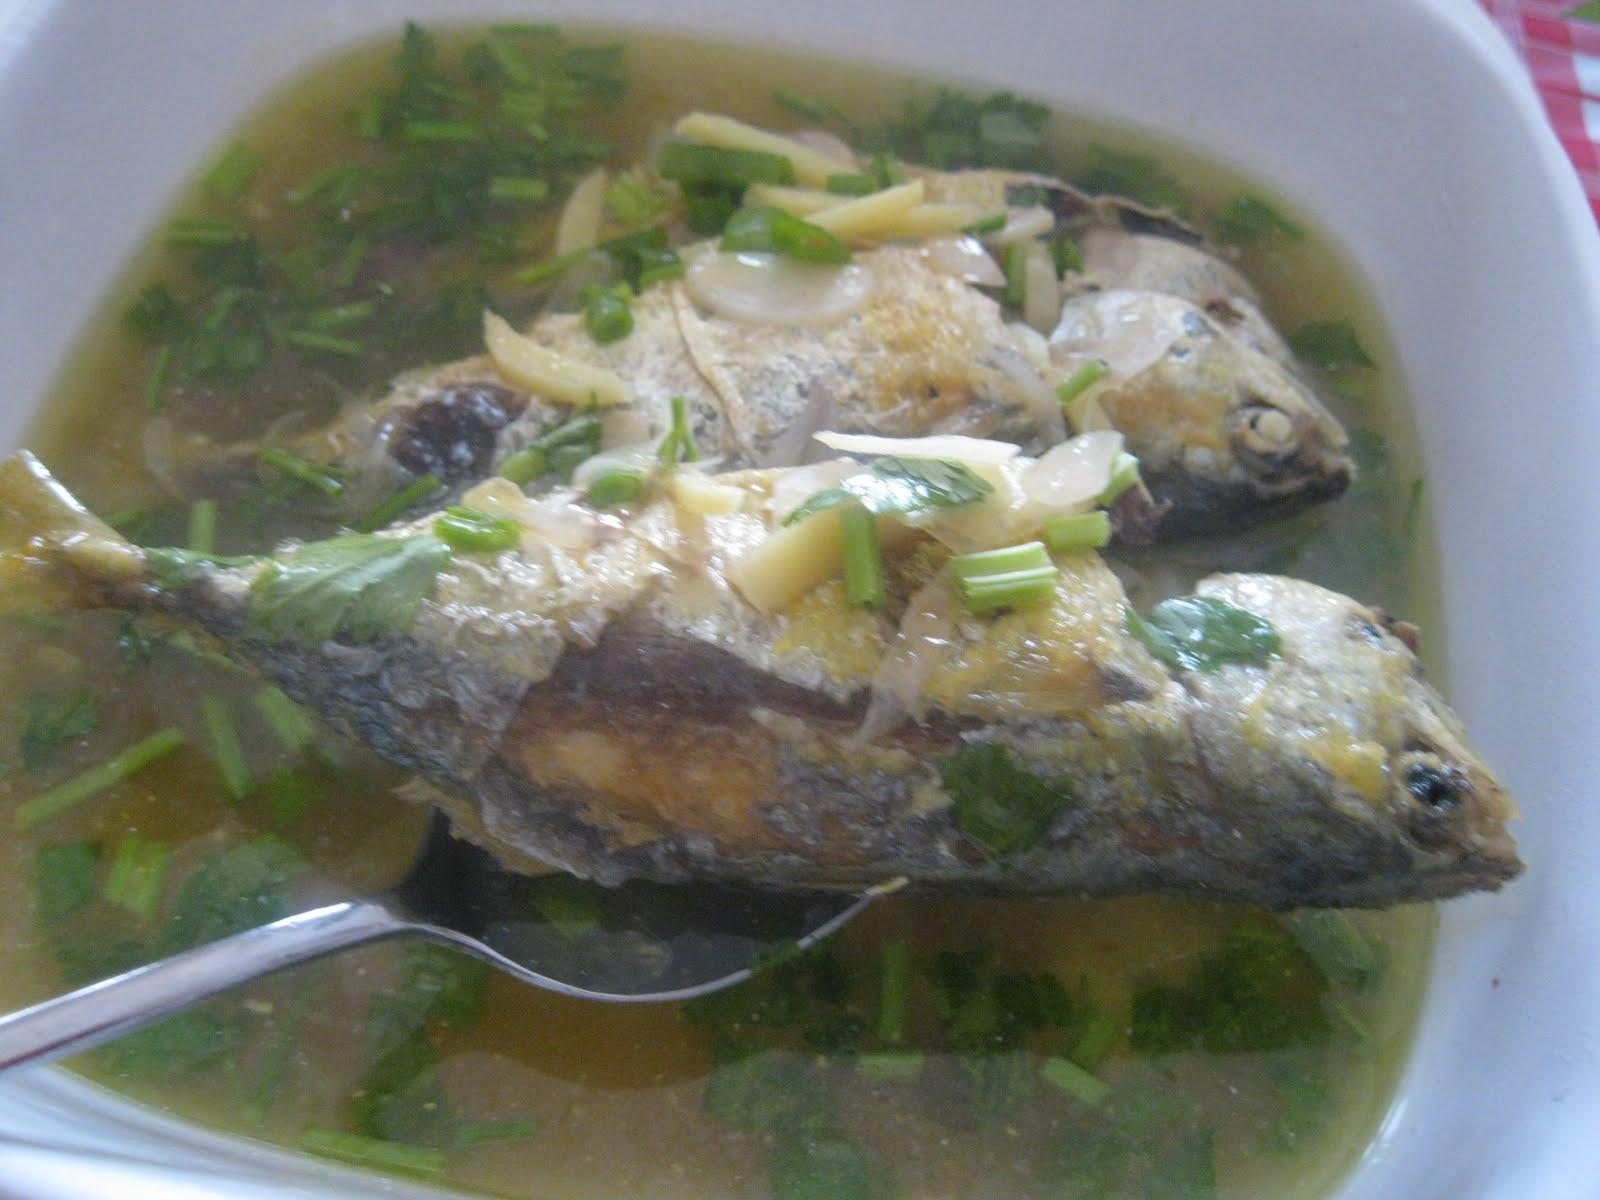 Dari Dapur Maklong: Sambal Ikan Patin Goreng